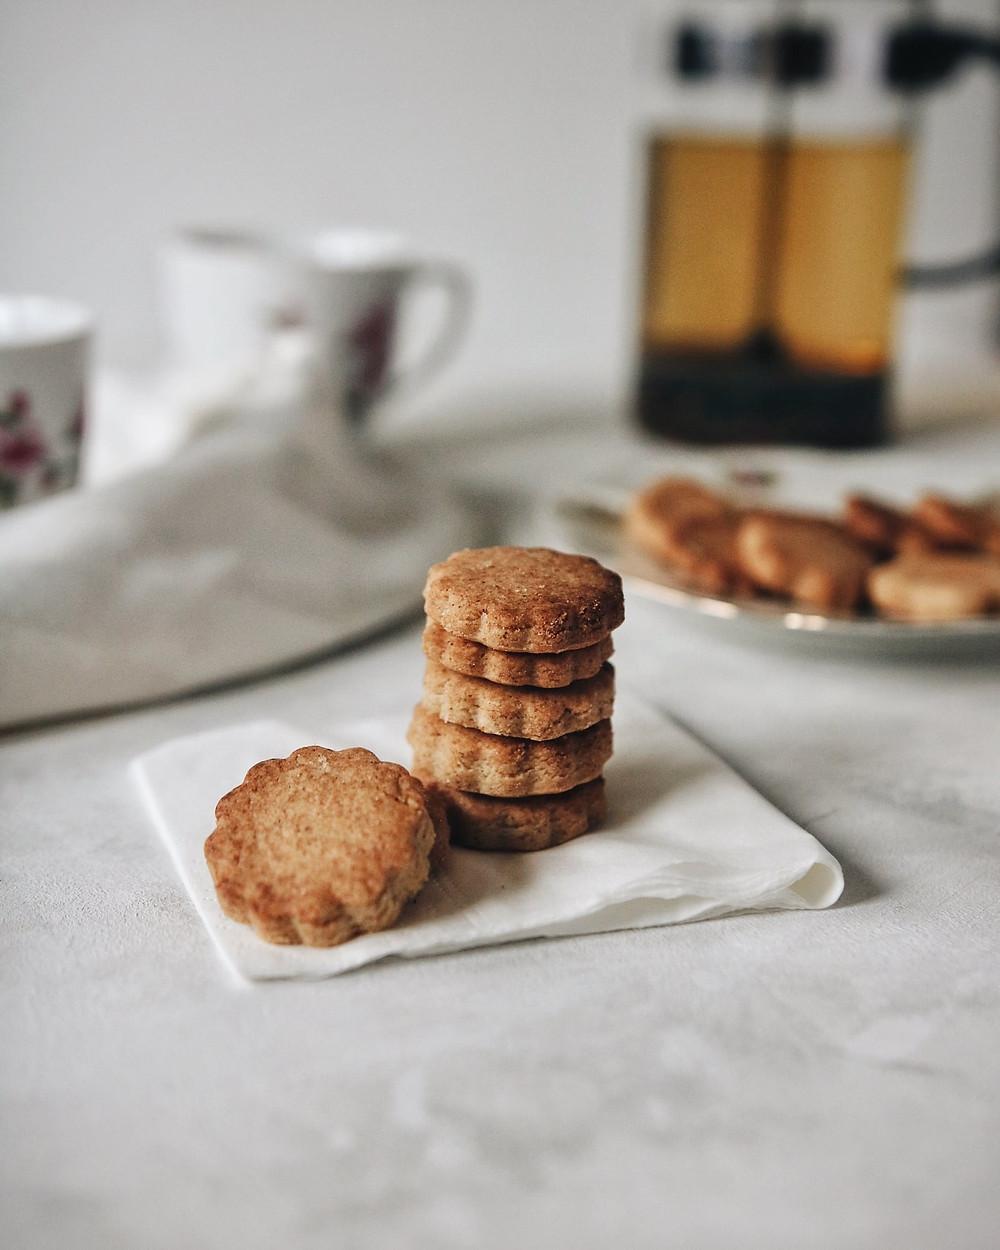 Bezglutenski keksići od kardamoma na bijeloj površini, s čajem i šalicama u pozadini.